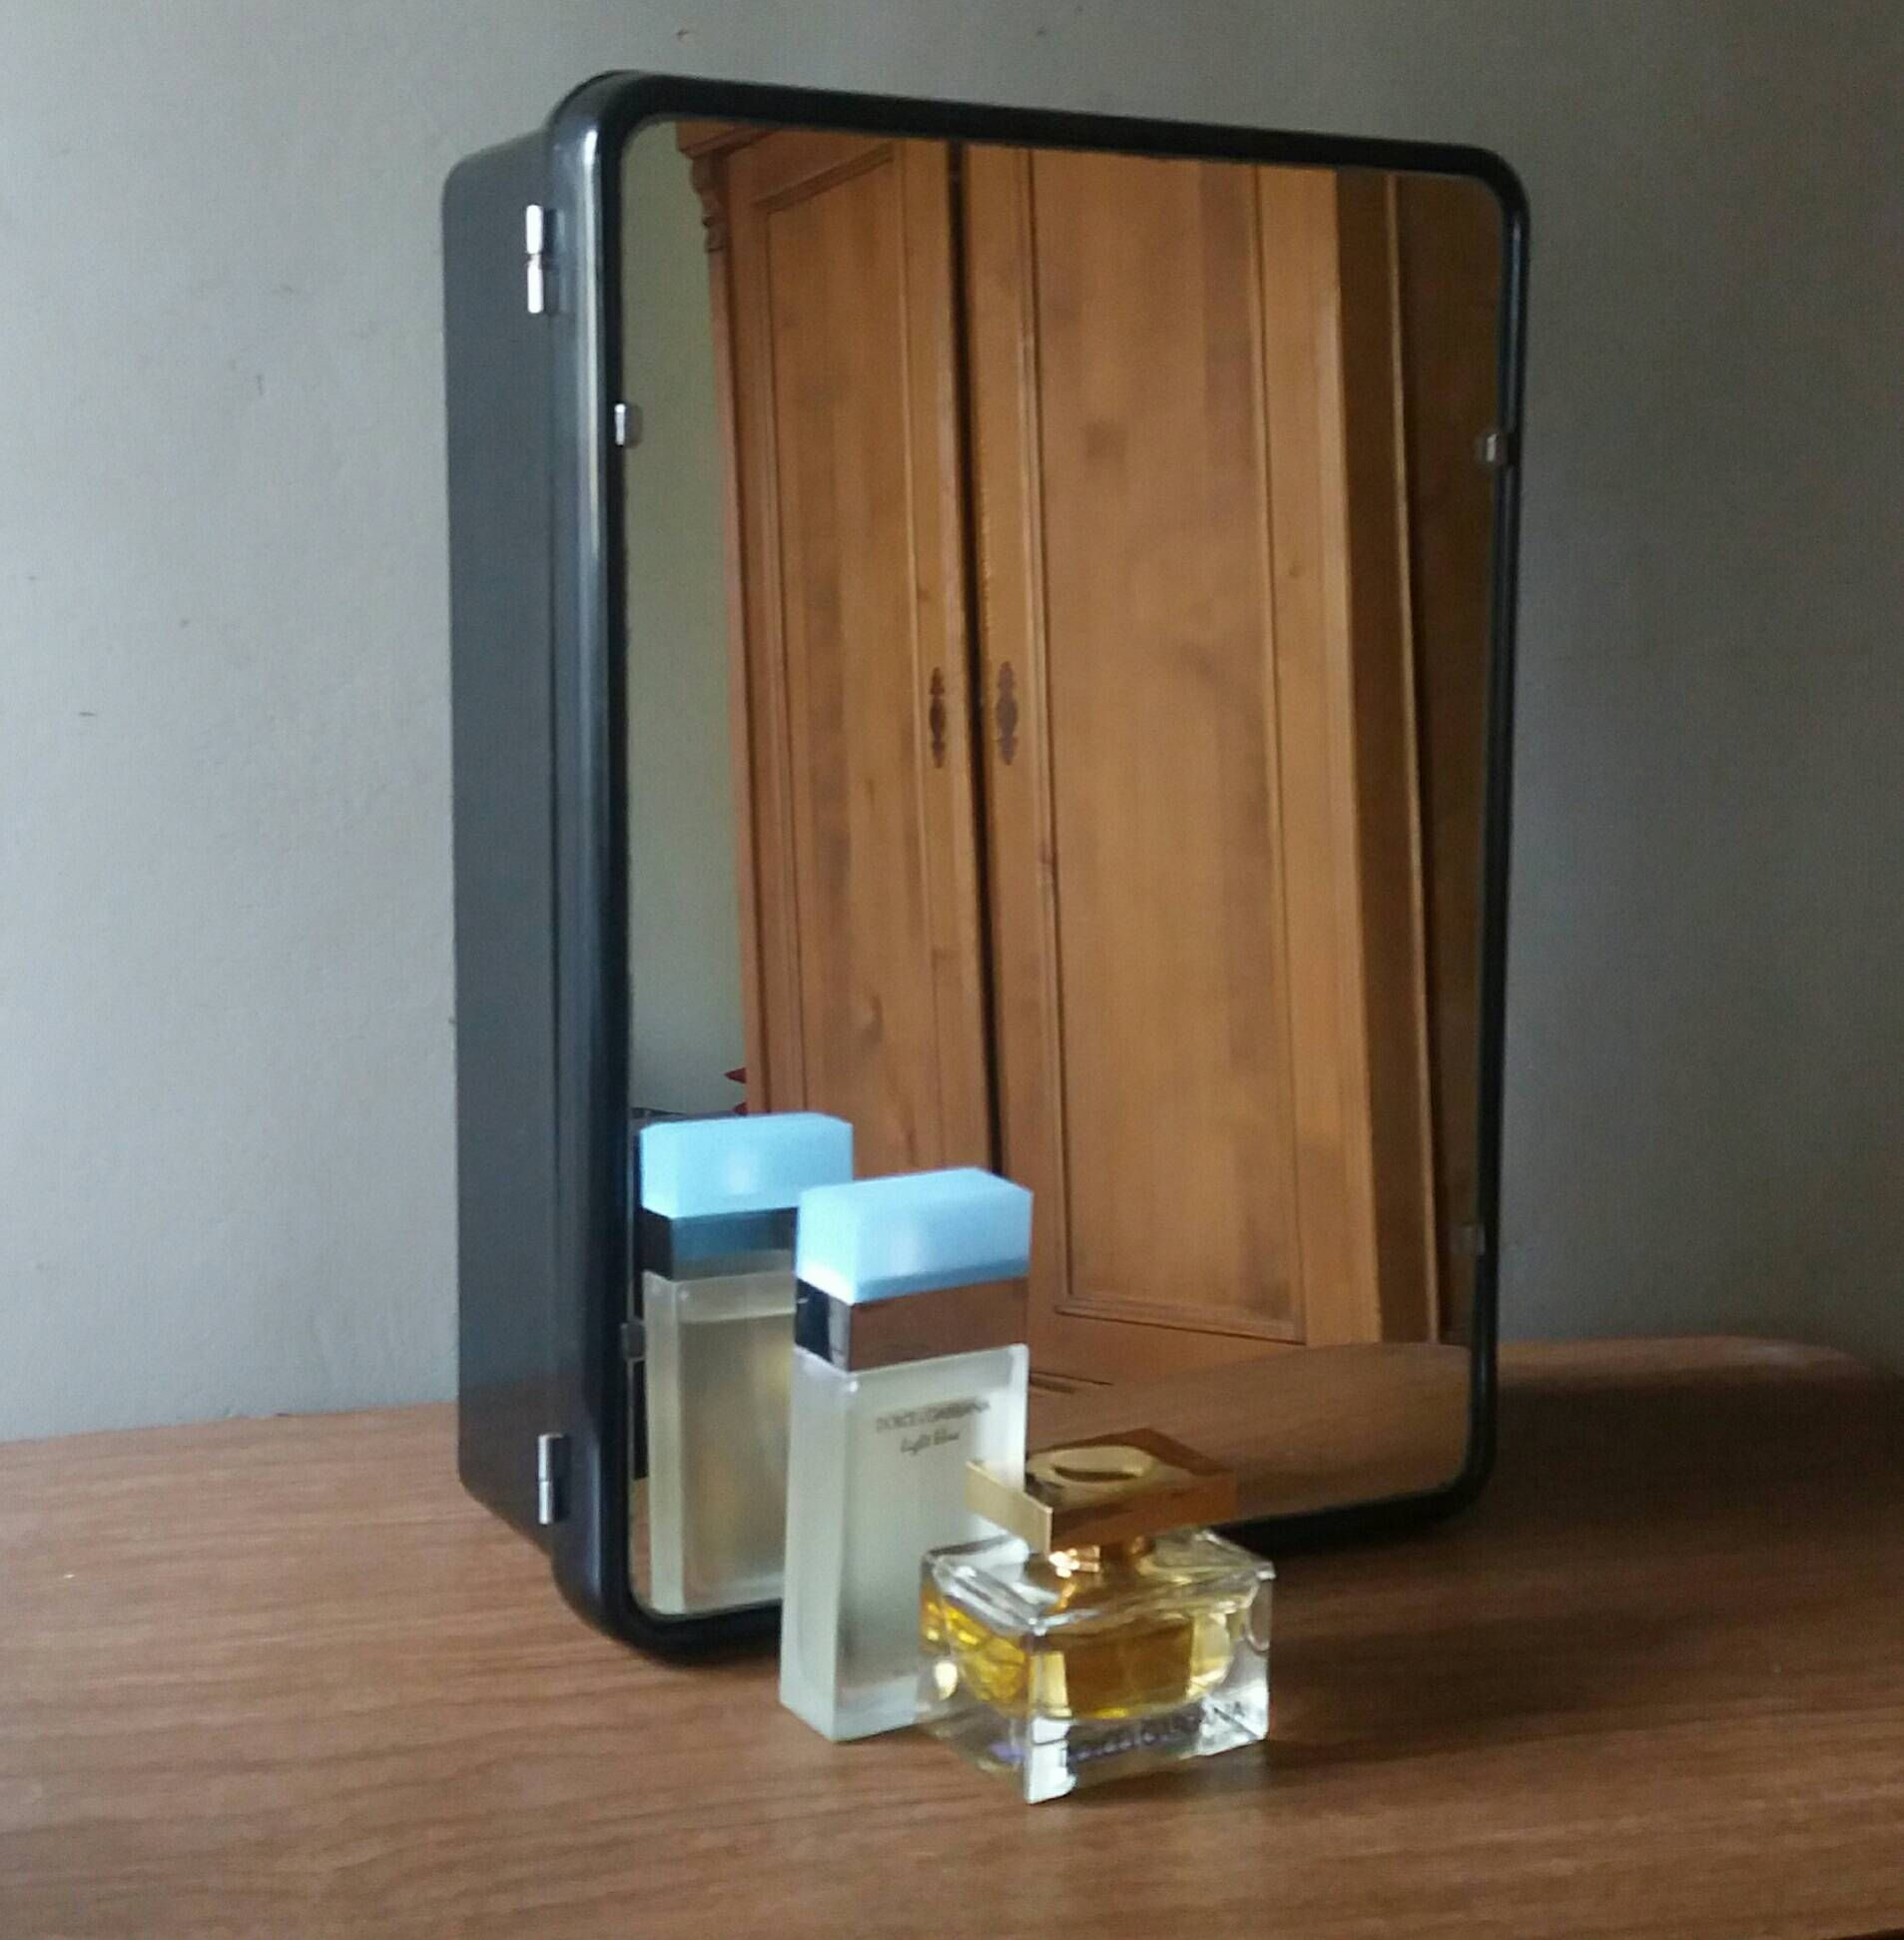 Bakeliet Medicijn Kastje.Mid Century Medicine Cabinet Bathroom Cabinet Medicine Cupboard